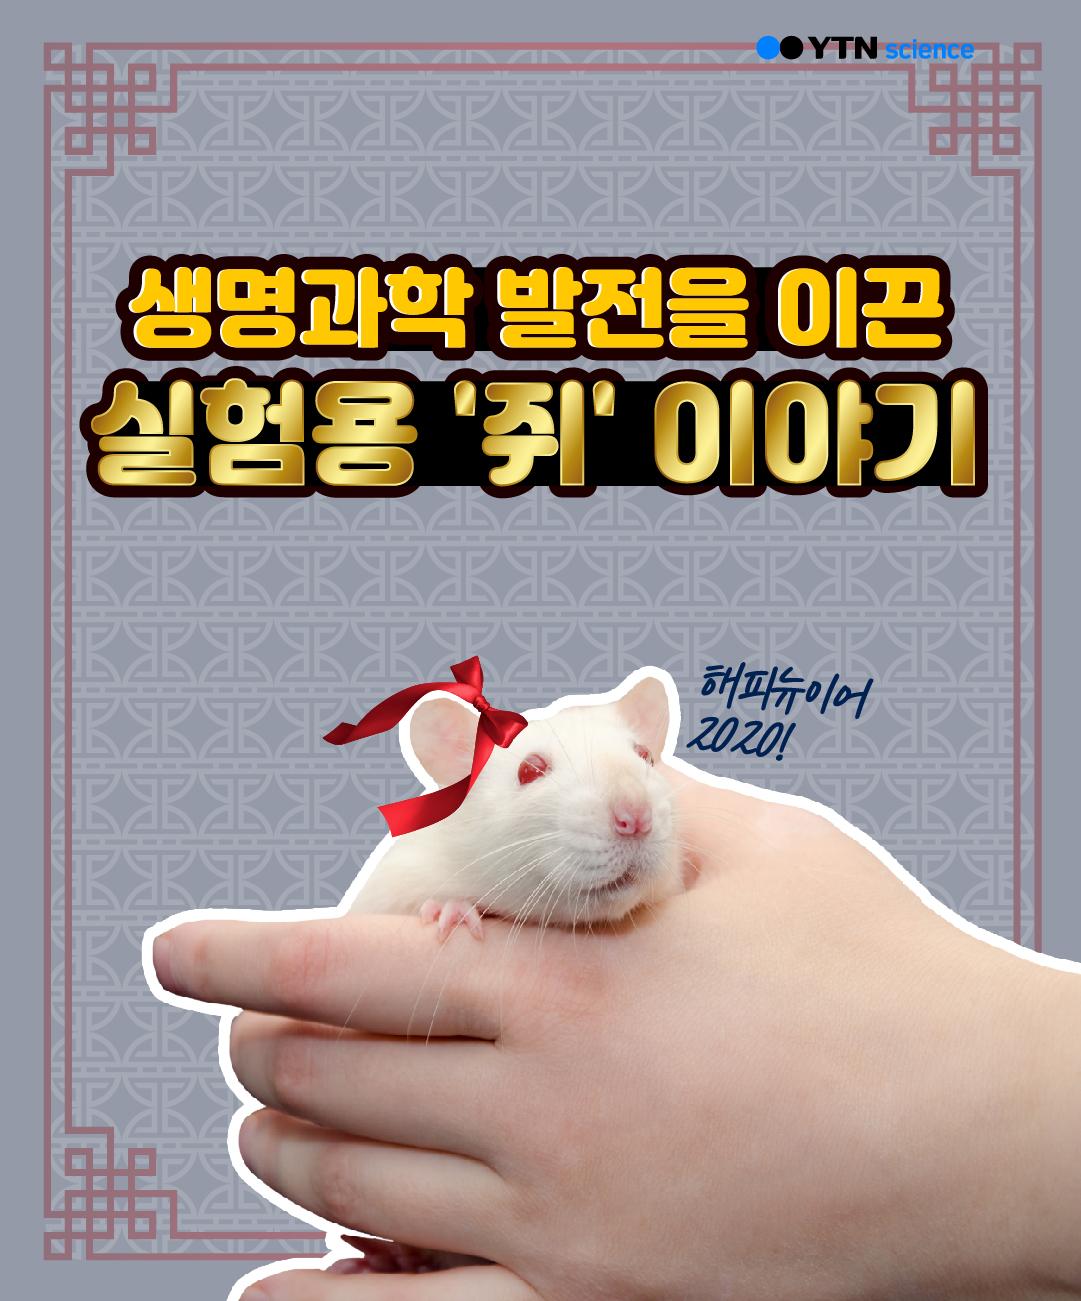 생명과학 발전을 이끈 실험용 '쥐' 이야기 이미지